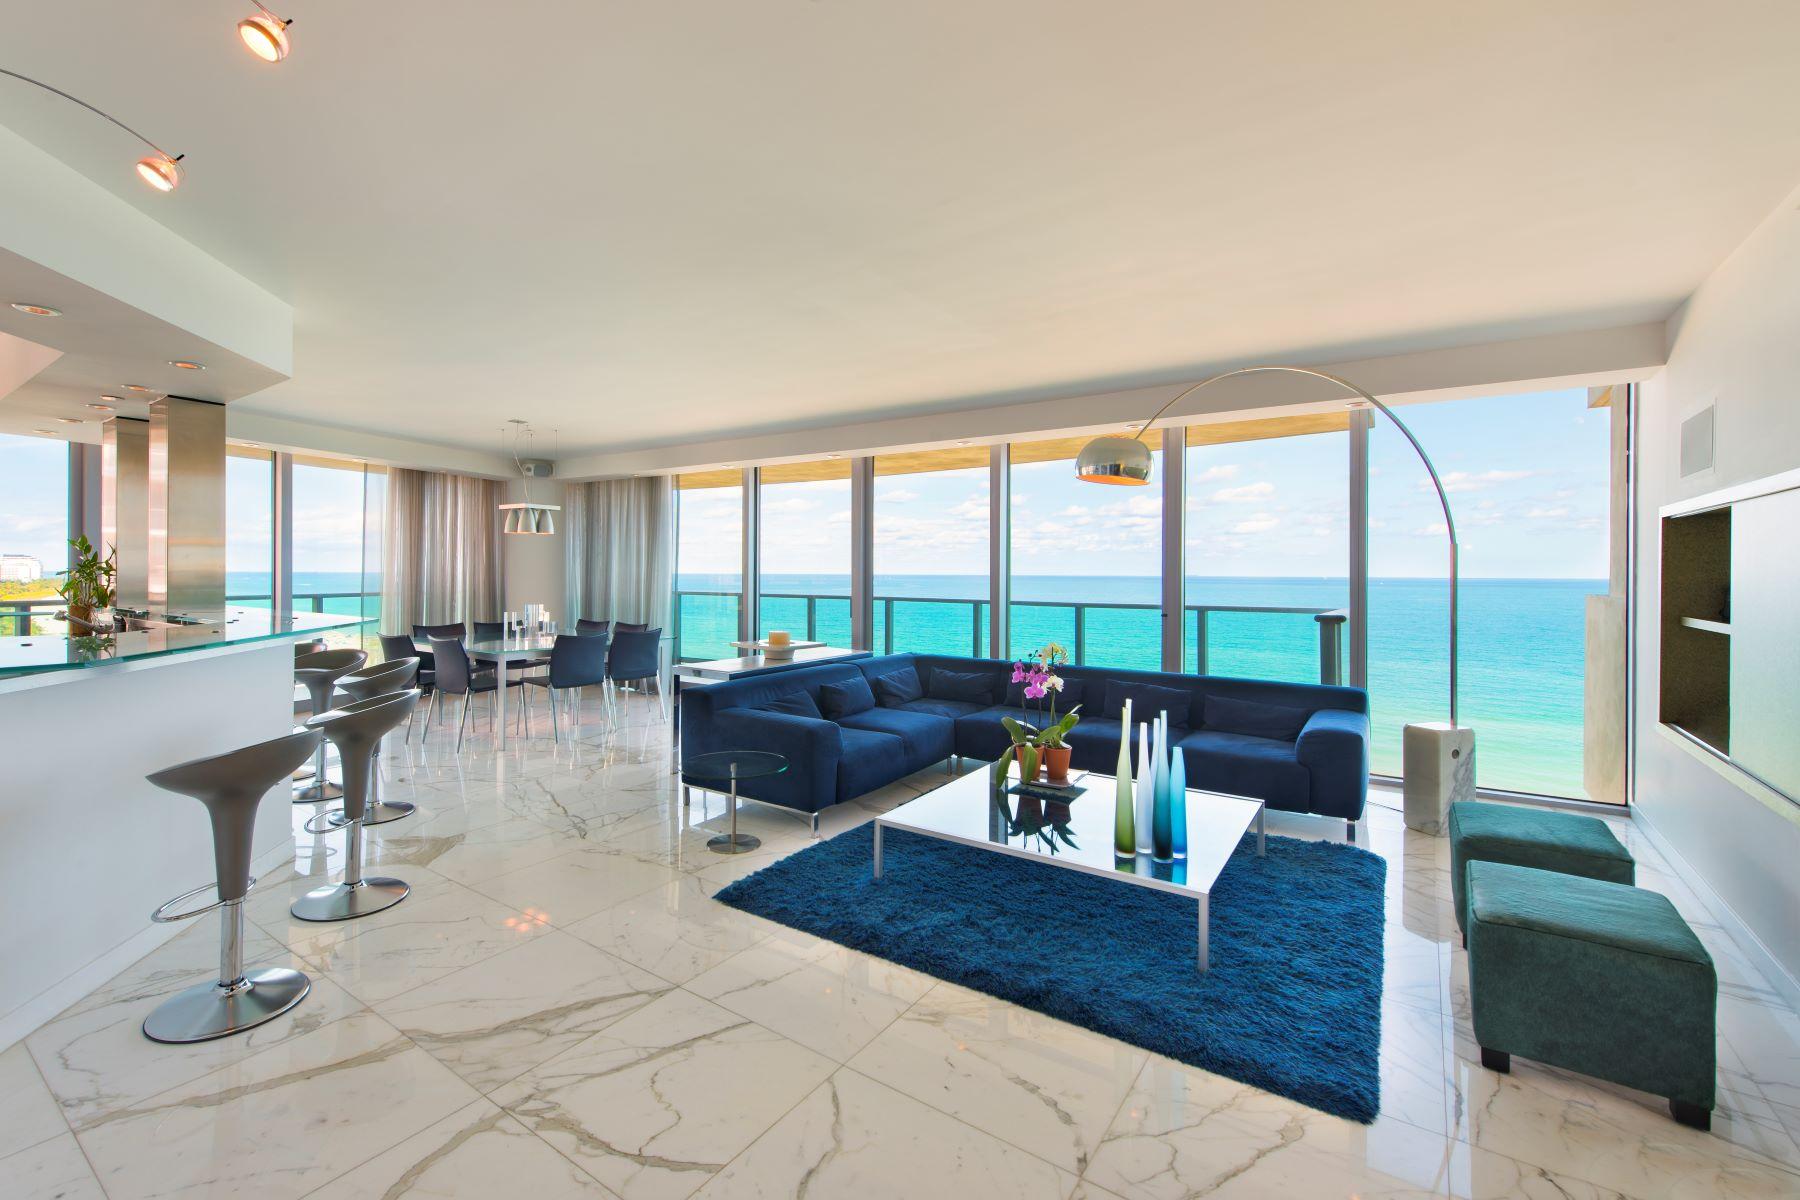 共管式独立产权公寓 为 销售 在 1455 Ocean Dr 1455 Ocean Dr 1509, 迈阿密海滩, 佛罗里达州, 33139 美国